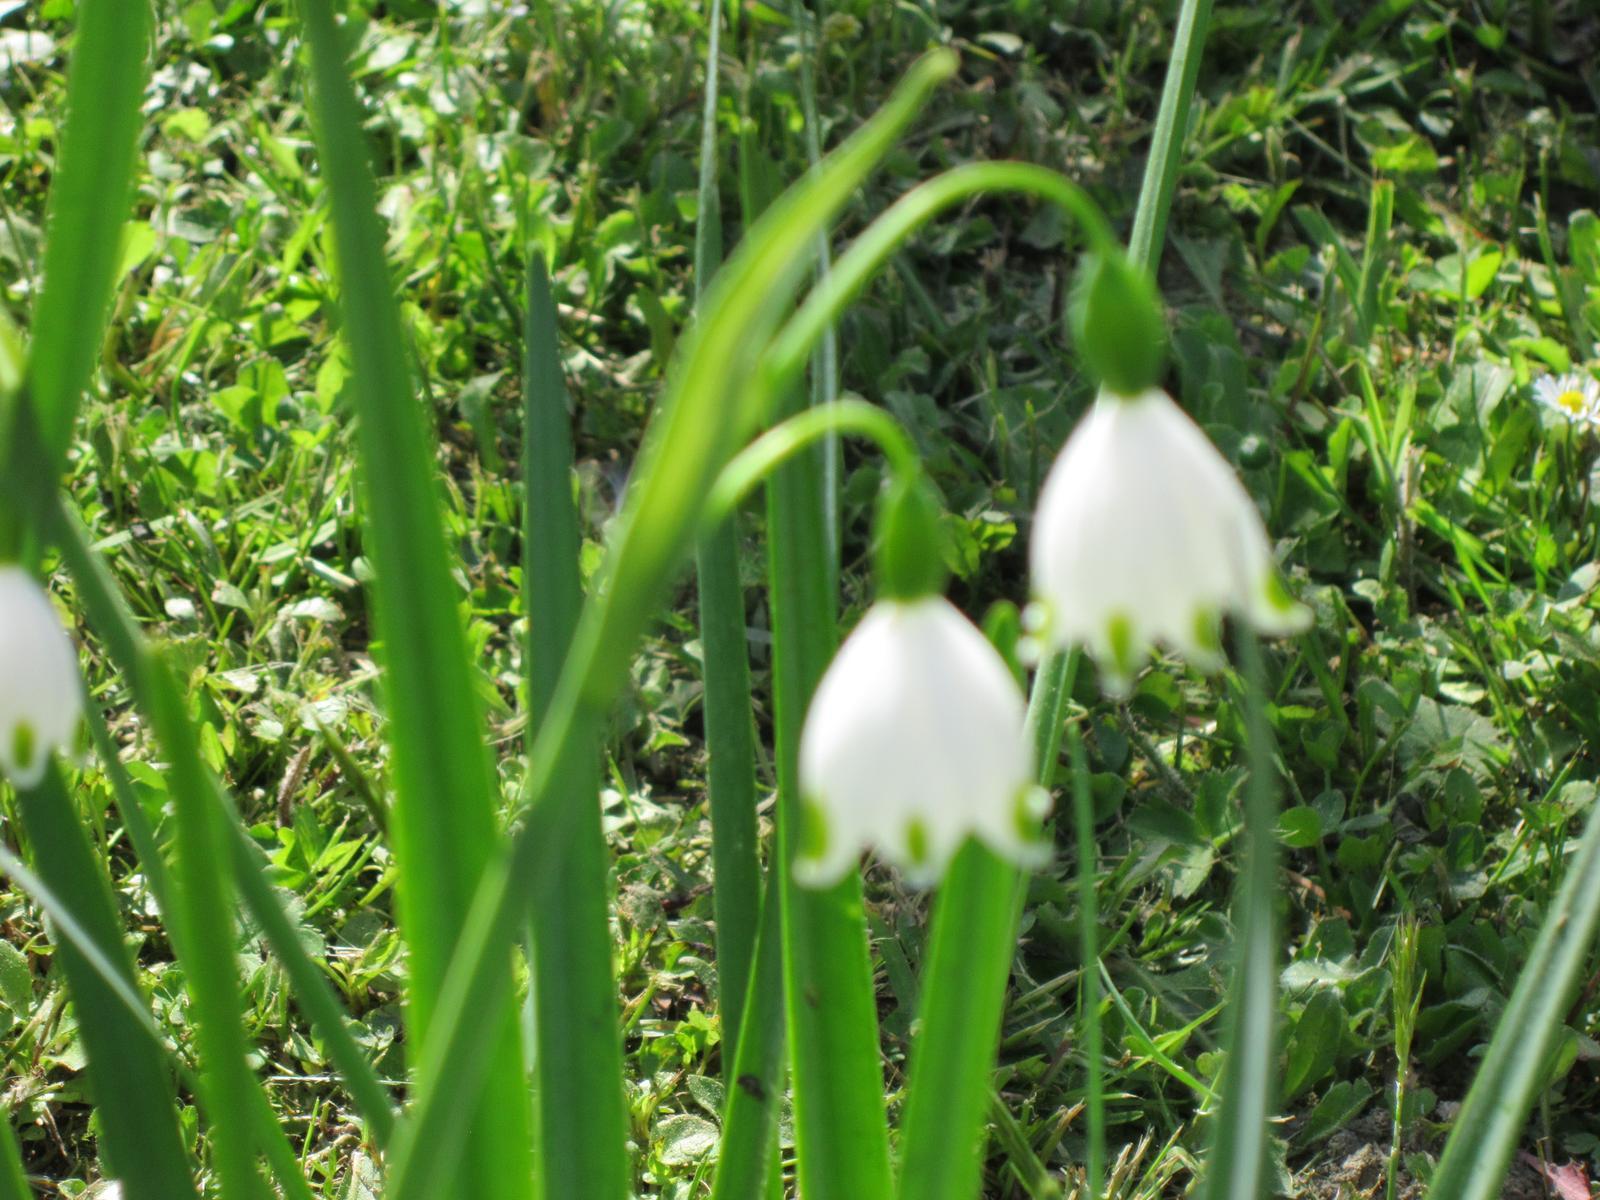 Moja záhrada...ako šiel čas - Ešte mi kvitnú bledule jarné...krásne zvončeky